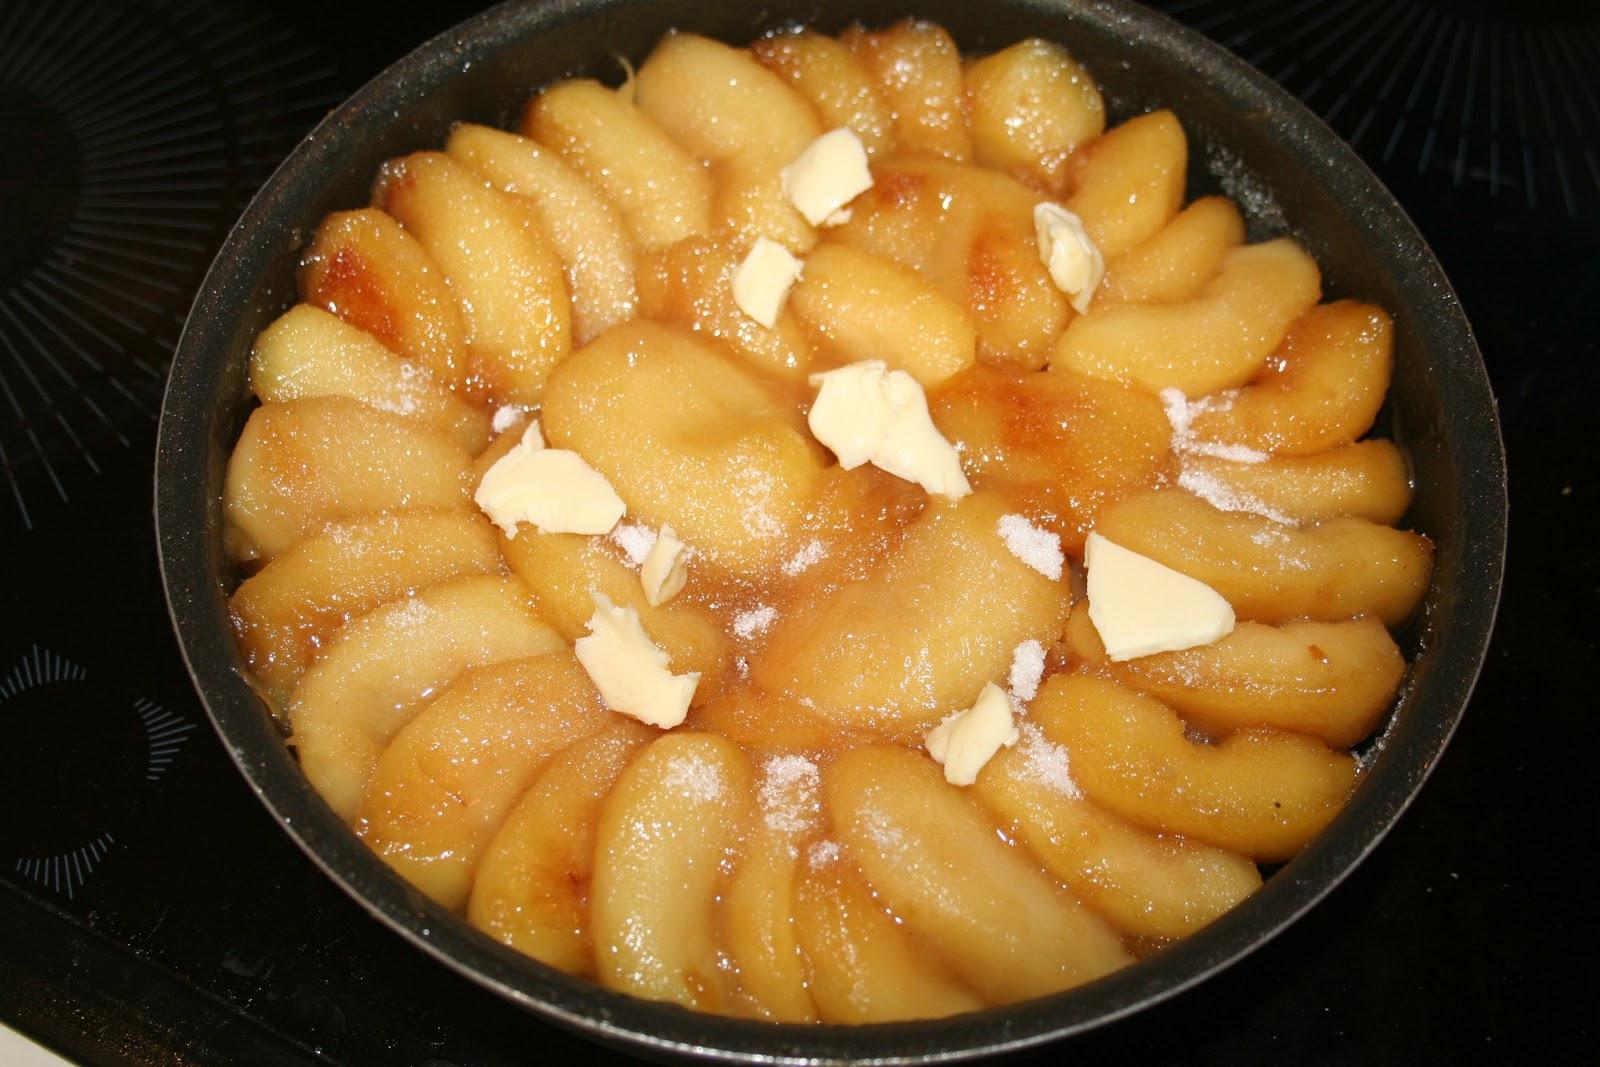 problème de ver dans les pommes